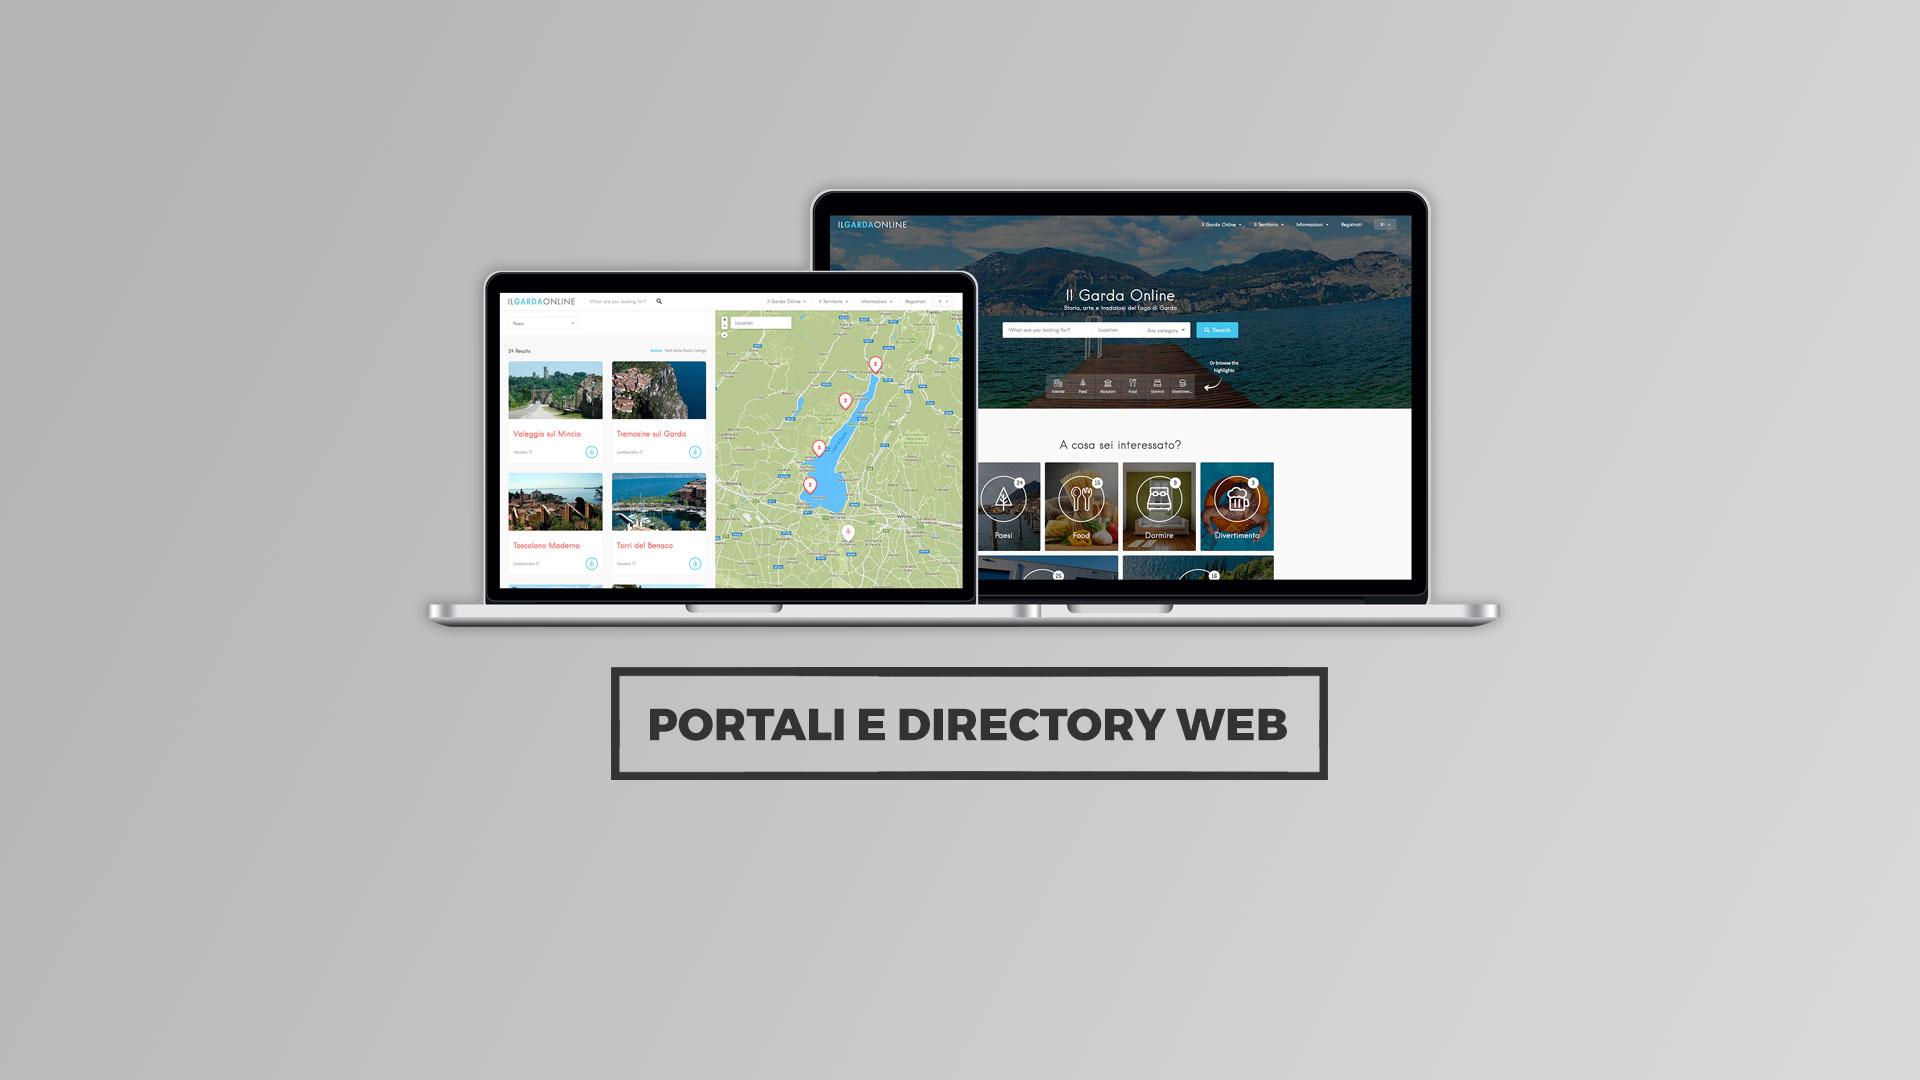 Portali e Directory Web